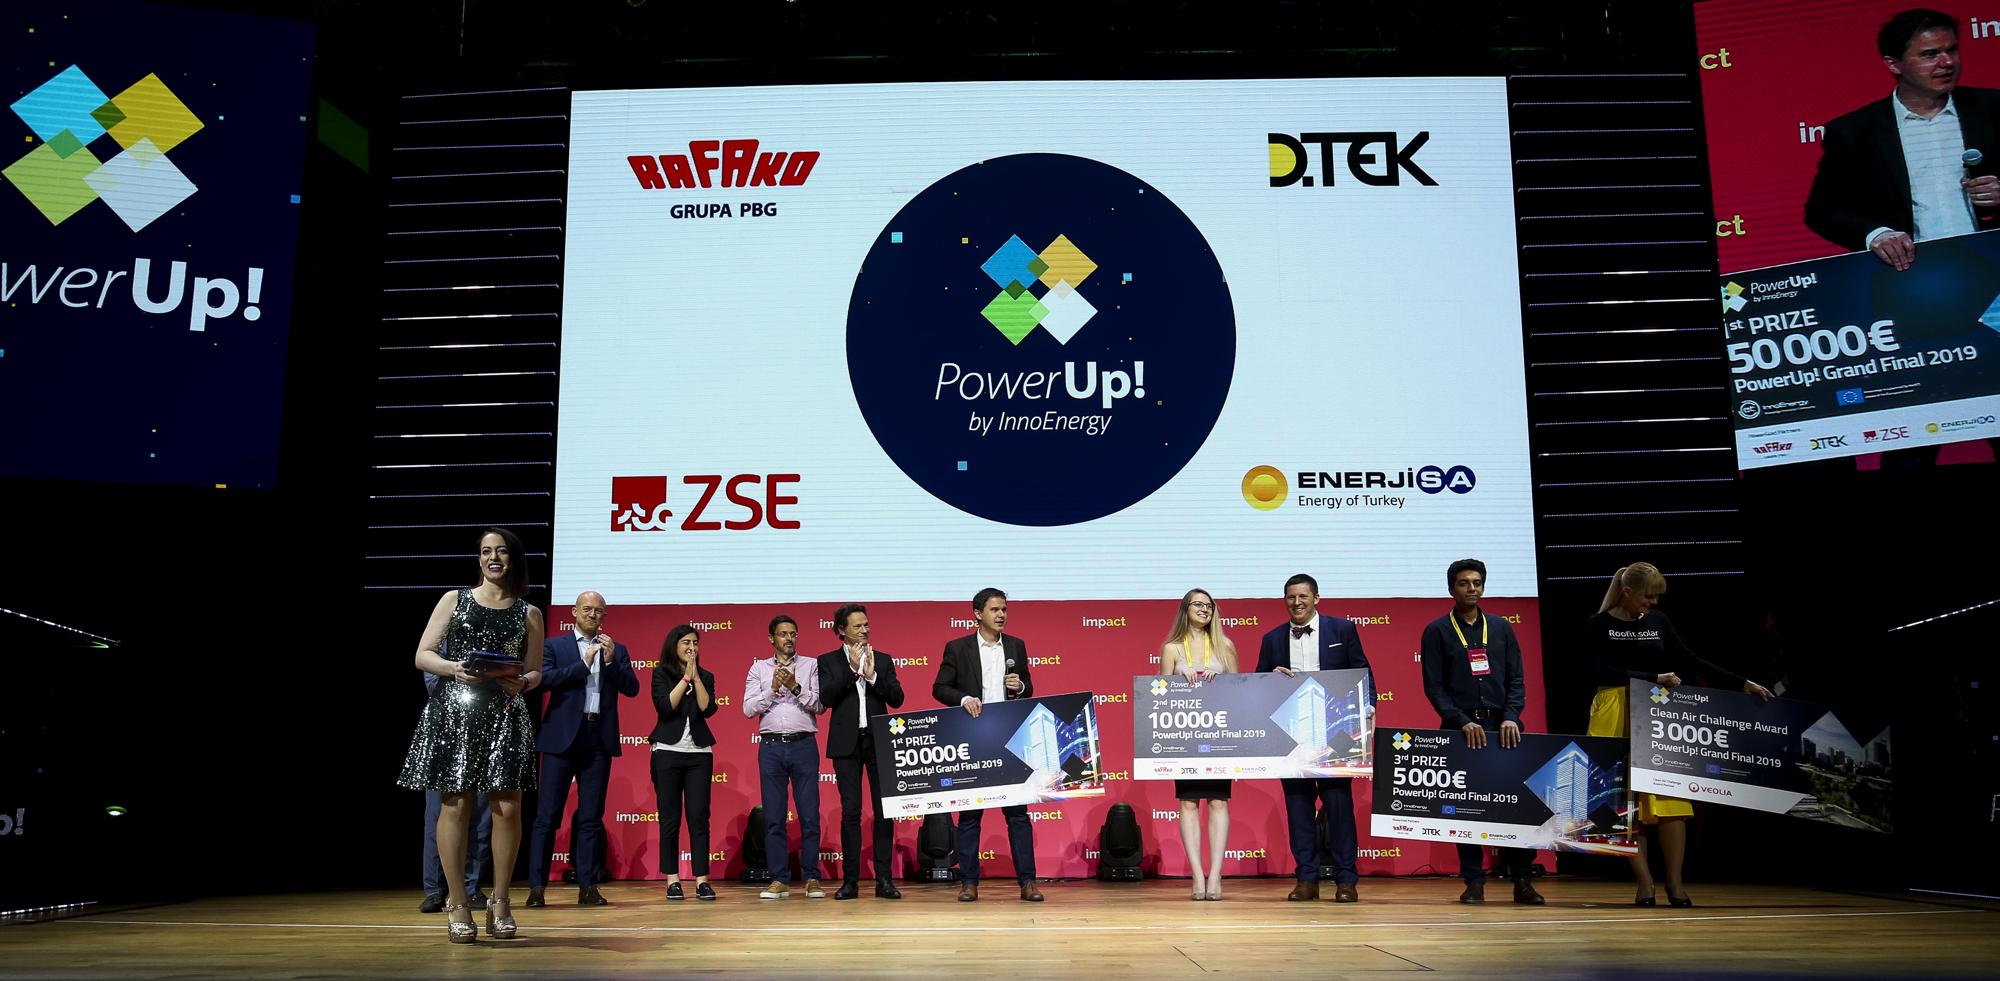 PowerUp 2 InnoEnergy